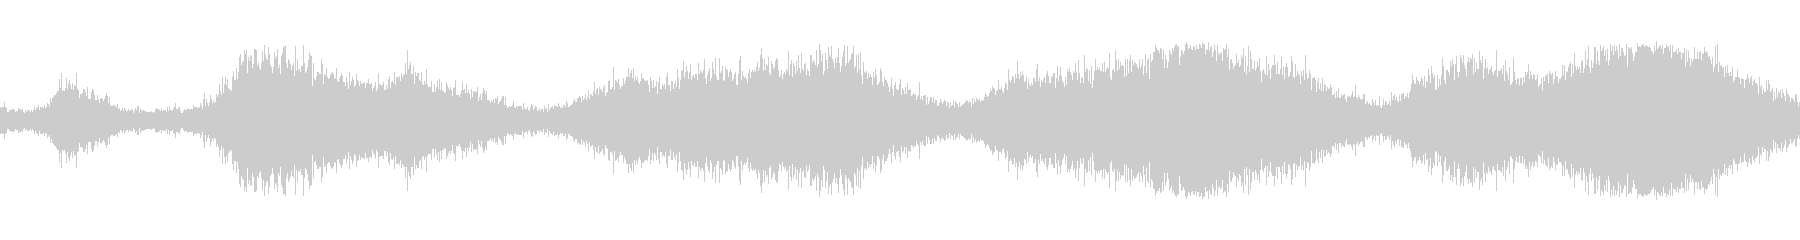 波オーシャンサーフmedの未再生の波形